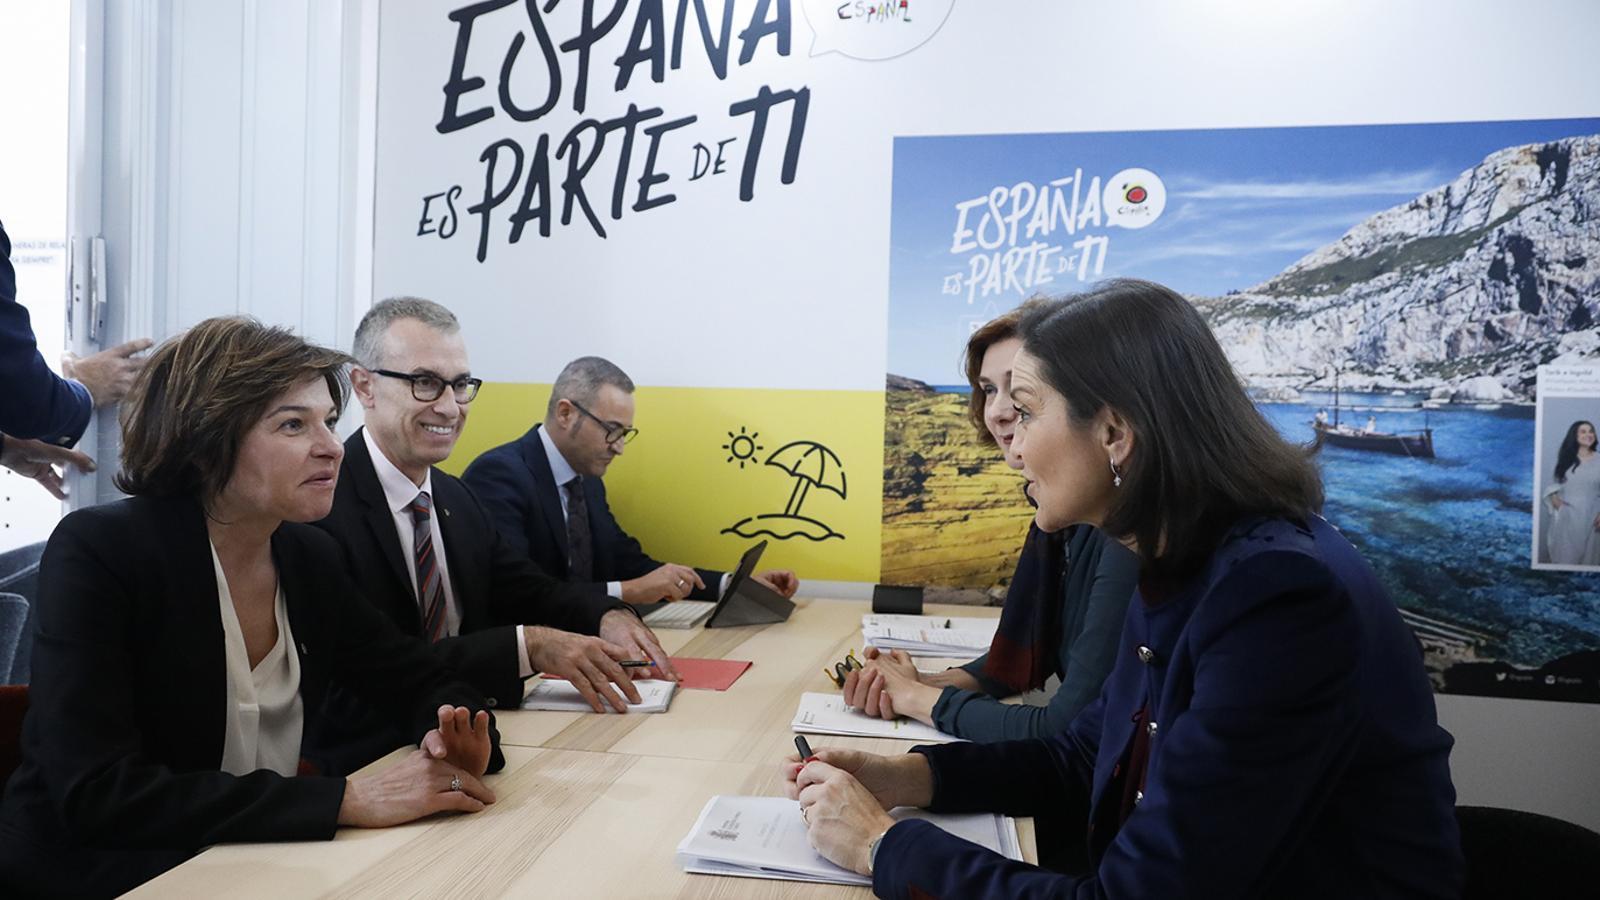 La ministra Verònica Canals amb la ministra espanyola María Reyes Maroto. / EFE